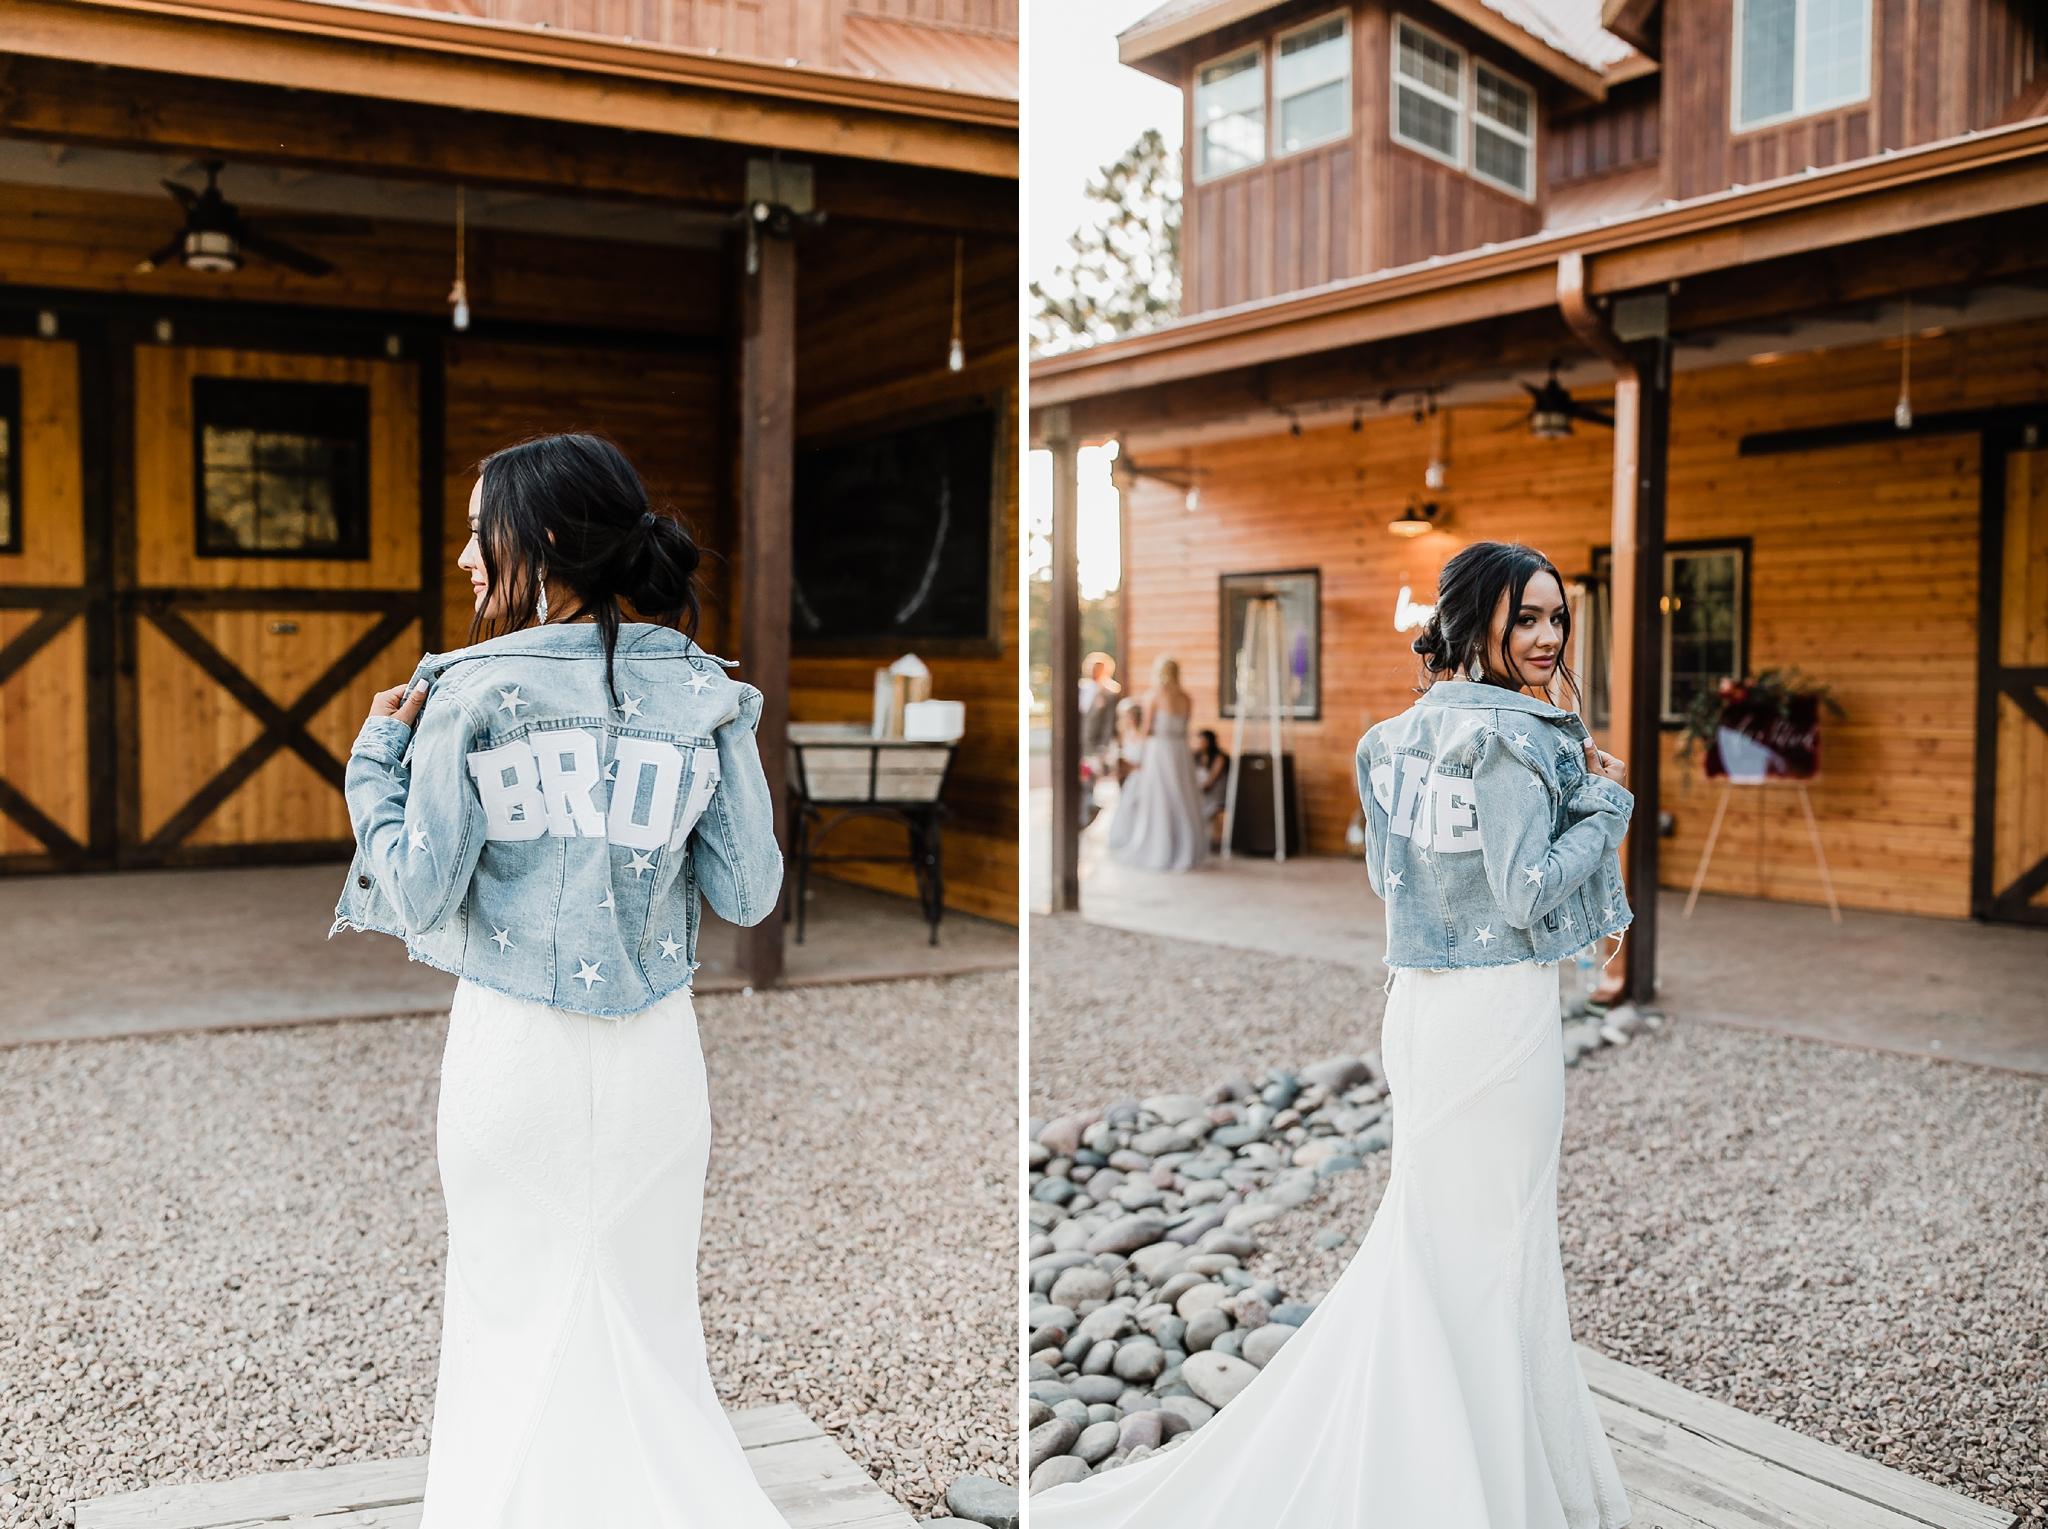 Alicia+lucia+photography+-+albuquerque+wedding+photographer+-+santa+fe+wedding+photography+-+new+mexico+wedding+photographer+-+new+mexico+wedding+-+new+mexico+wedding+-+barn+wedding+-+enchanted+vine+barn+wedding+-+ruidoso+wedding_0138.jpg